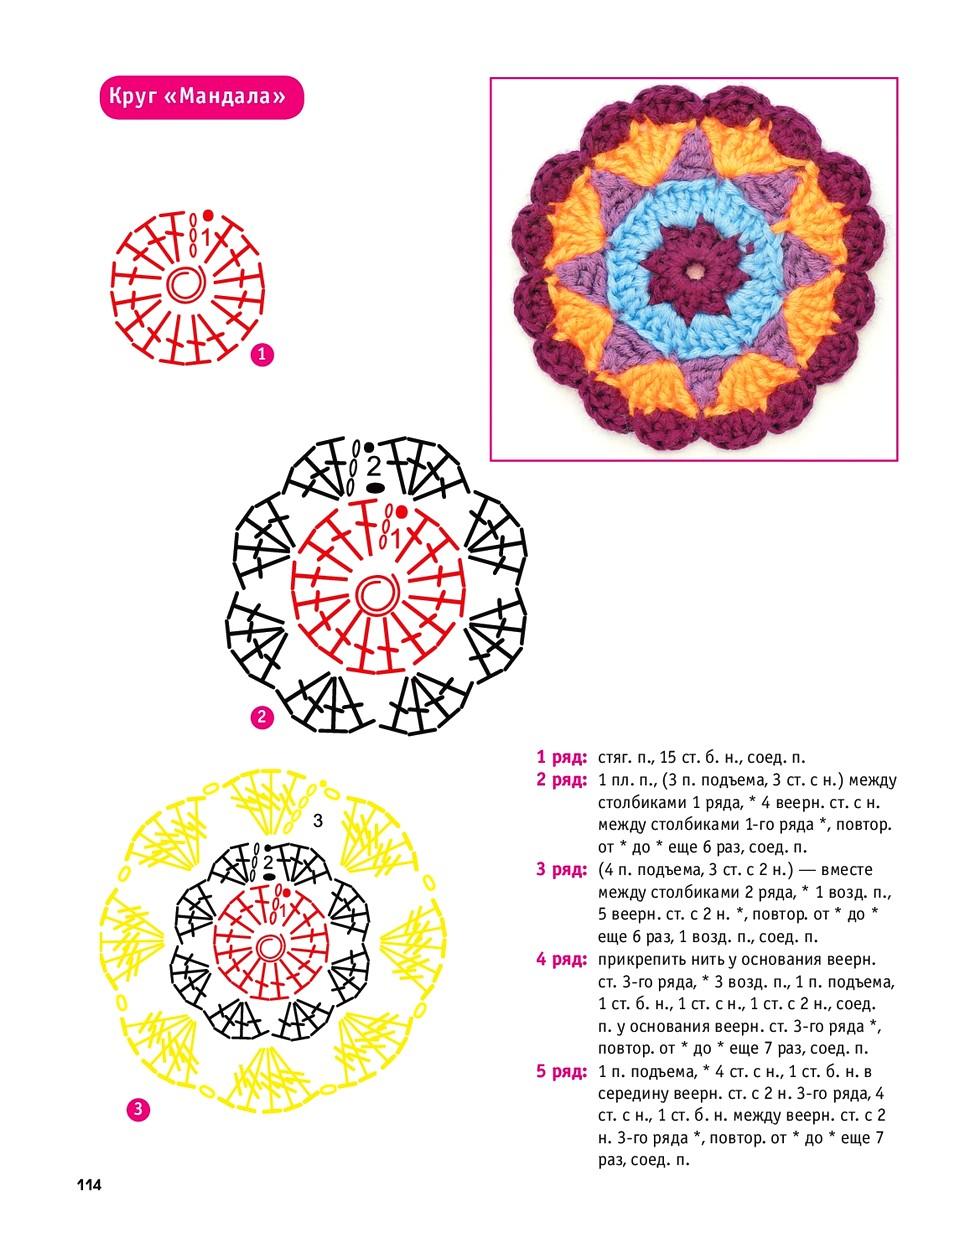 bibliya-vyazaniya-kruchkom-i-spicam-115